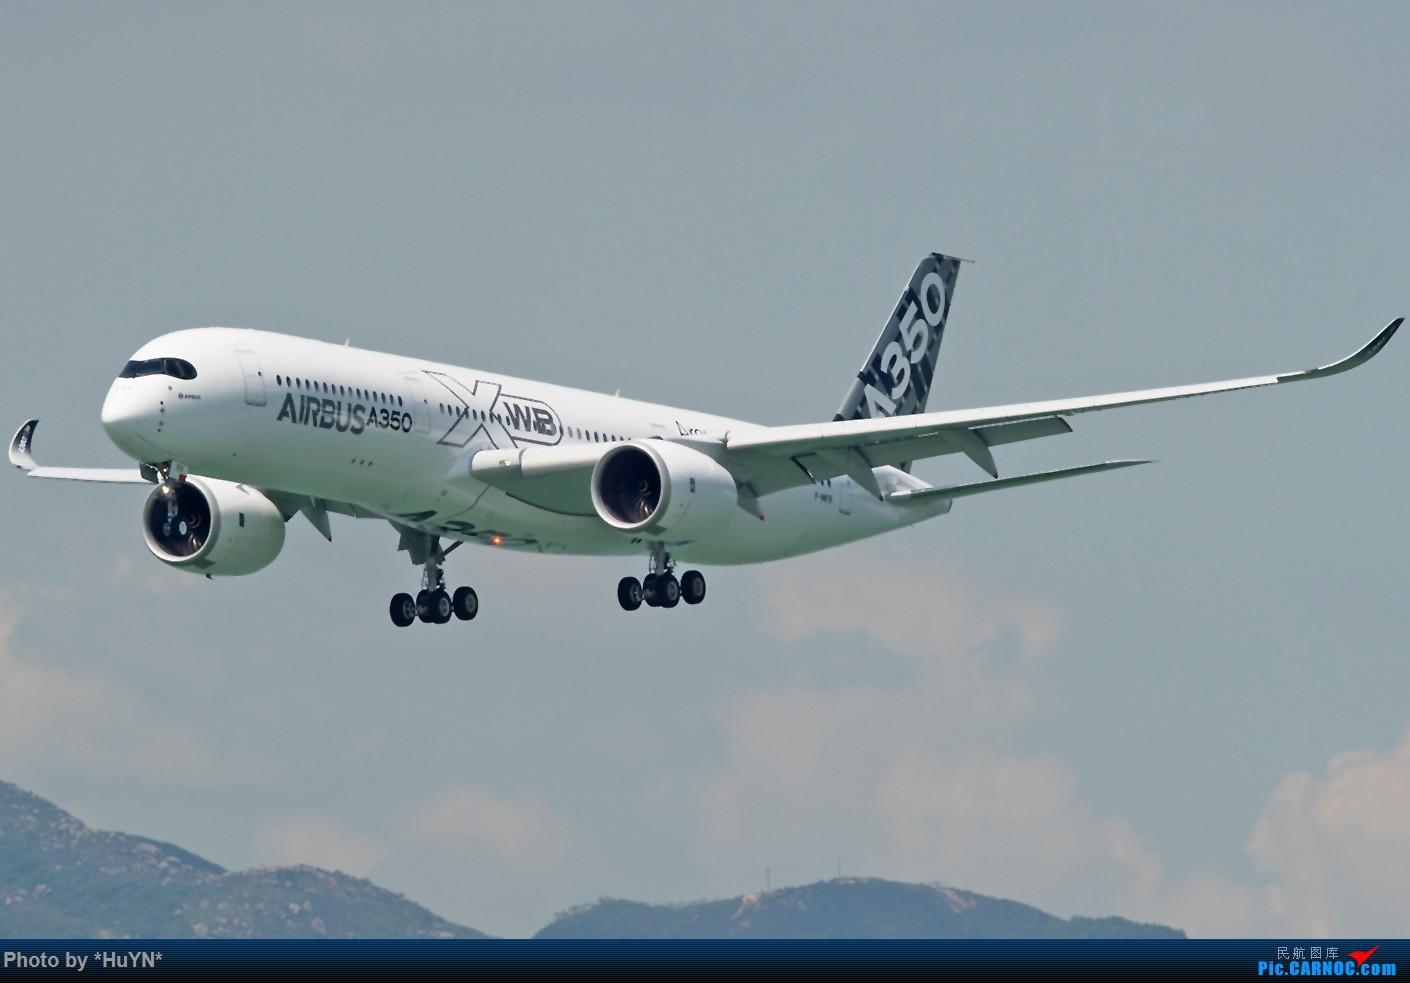 Re:[原创]存货一组(不看后悔) AIRBUS A350-900 F-WWYB 中国香港赤鱲角国际机场